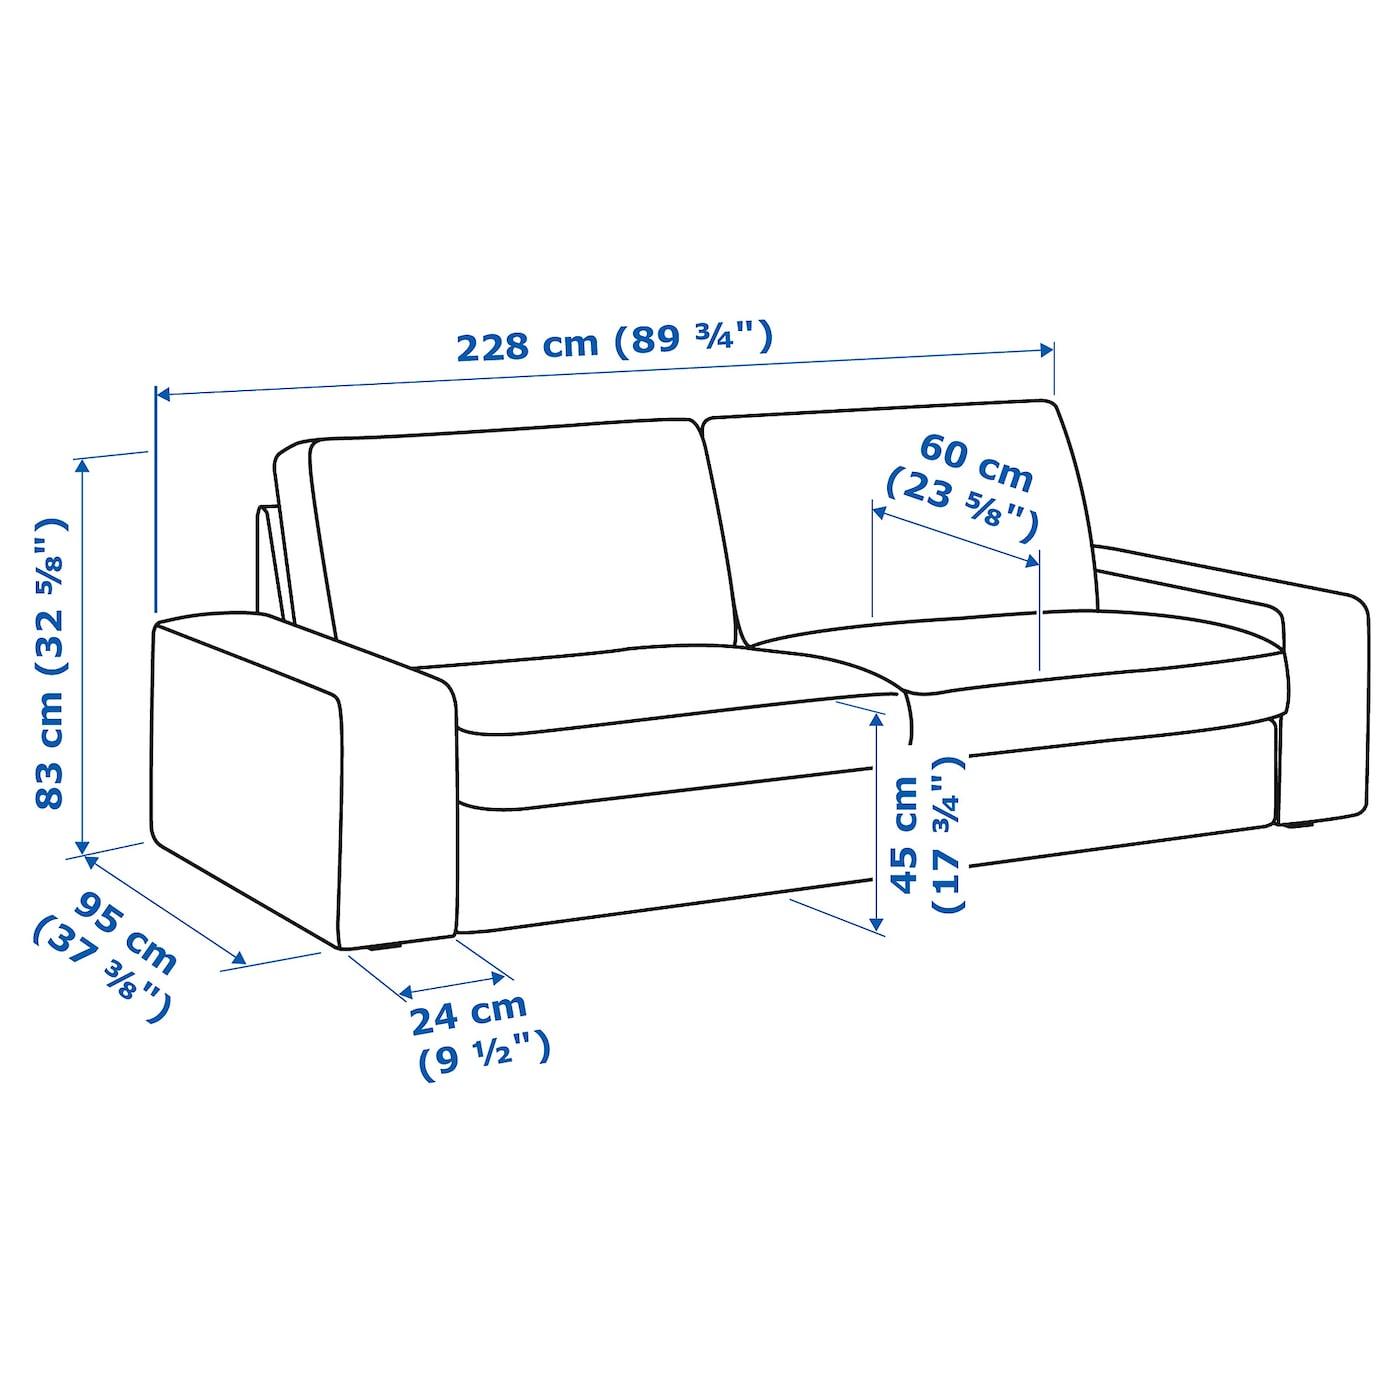 مضنية حارس الأعراض Sofa Height Cm Musichallnewport Com